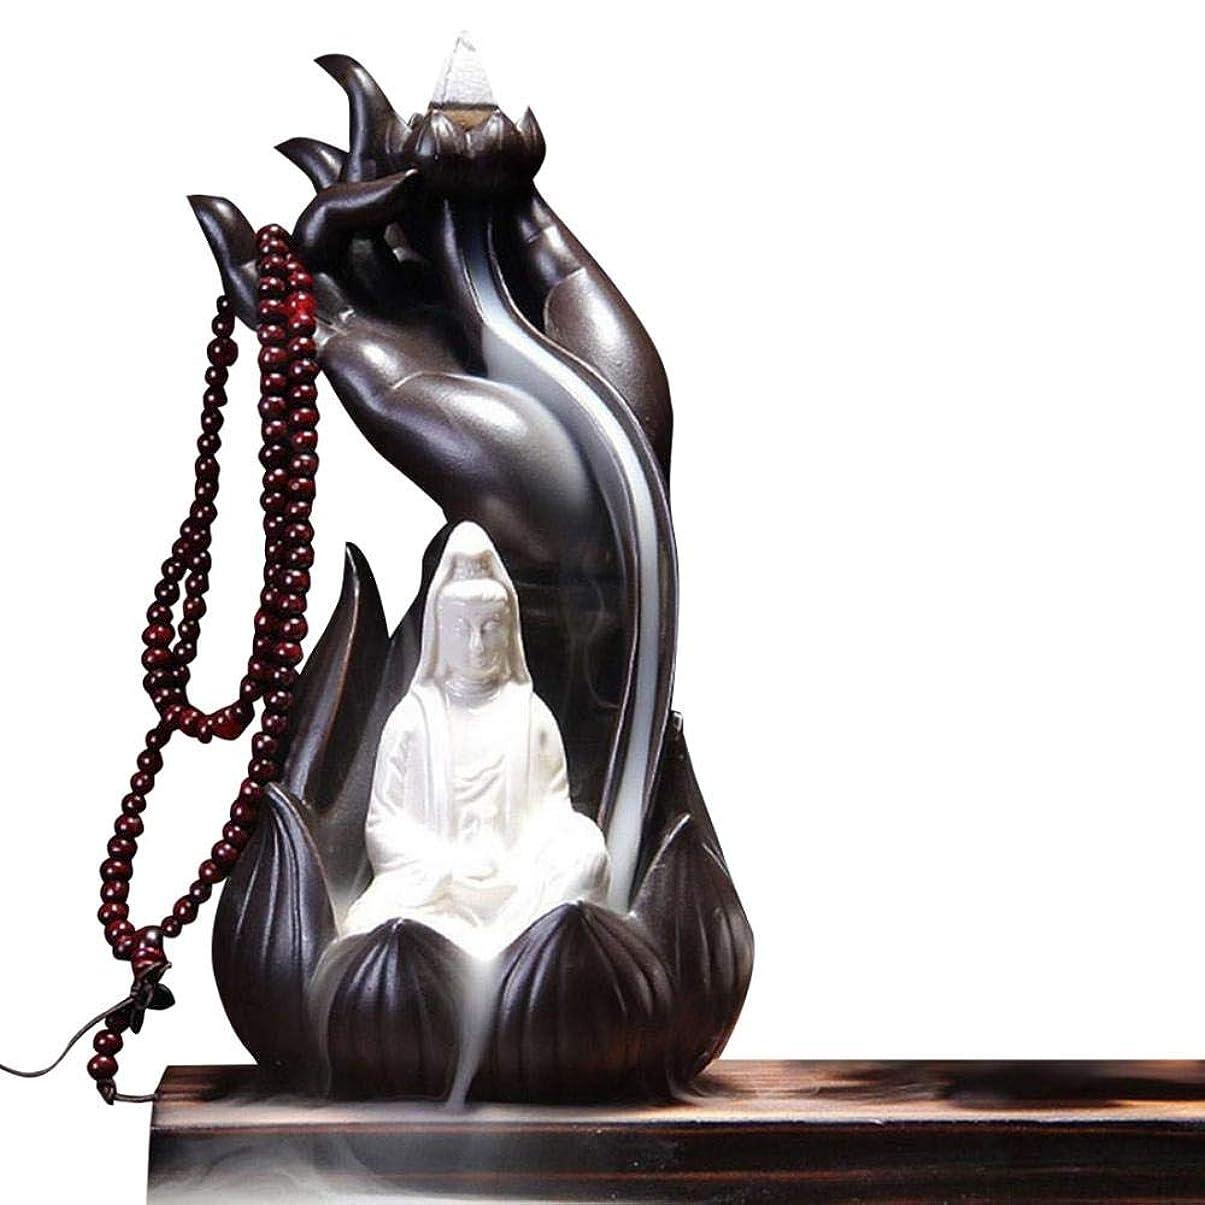 シール時々時々すべてGetupp 陶器 倒流香 香炉 線香立て 流川香 お香用具 お線香 渦巻き線香 アロマ 香熏香炉 逆流 癒し香炉 仏壇用香炉 自然の雰囲気 ヨガ 瞑想 庭園用 (スタイルc)